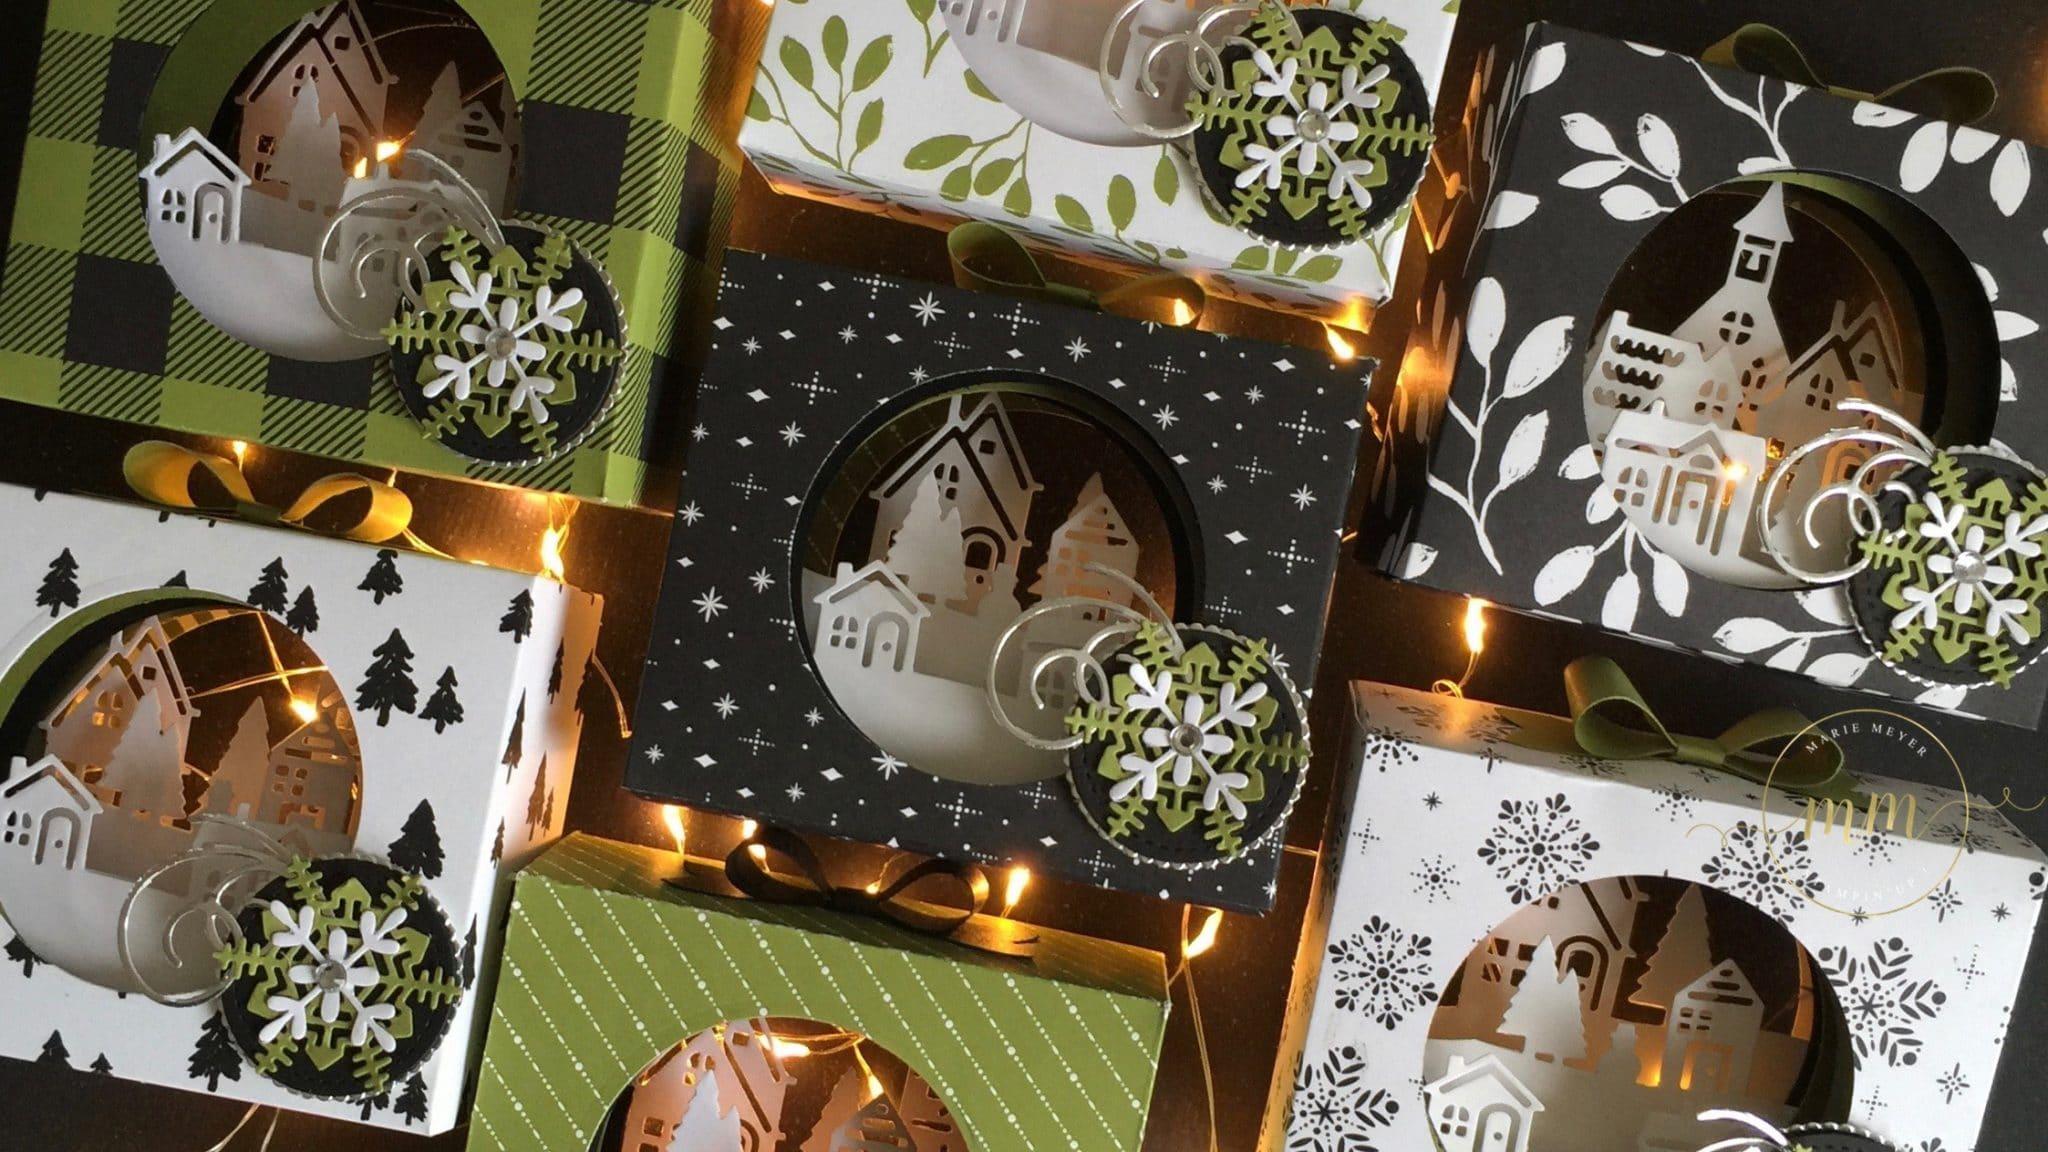 Photophore de Noël, papier de la série Design Jolies Fêtes, Thinlits Flocons virevoltants, Thinlits Superpositions de saison, Framelits Formes à coudres, Framelits Pyramide de cercles par Marie Meyer Stampin up - http://ateliers-scrapbooking.fr/ - Tealight tutorial, Merry Little Christmas Designer Series Paper, Swirly Snowflakes Thinlits, Seasonal Layers Thinlits, Stitched Shapes Framelits, Layering Circle Framelits - Teelichter Box Anteilung, Papier Frohes Fest, Formen Flockenreigen, Aus jeder Jahreszeit, Stickmuster, Lagenweise Kreise